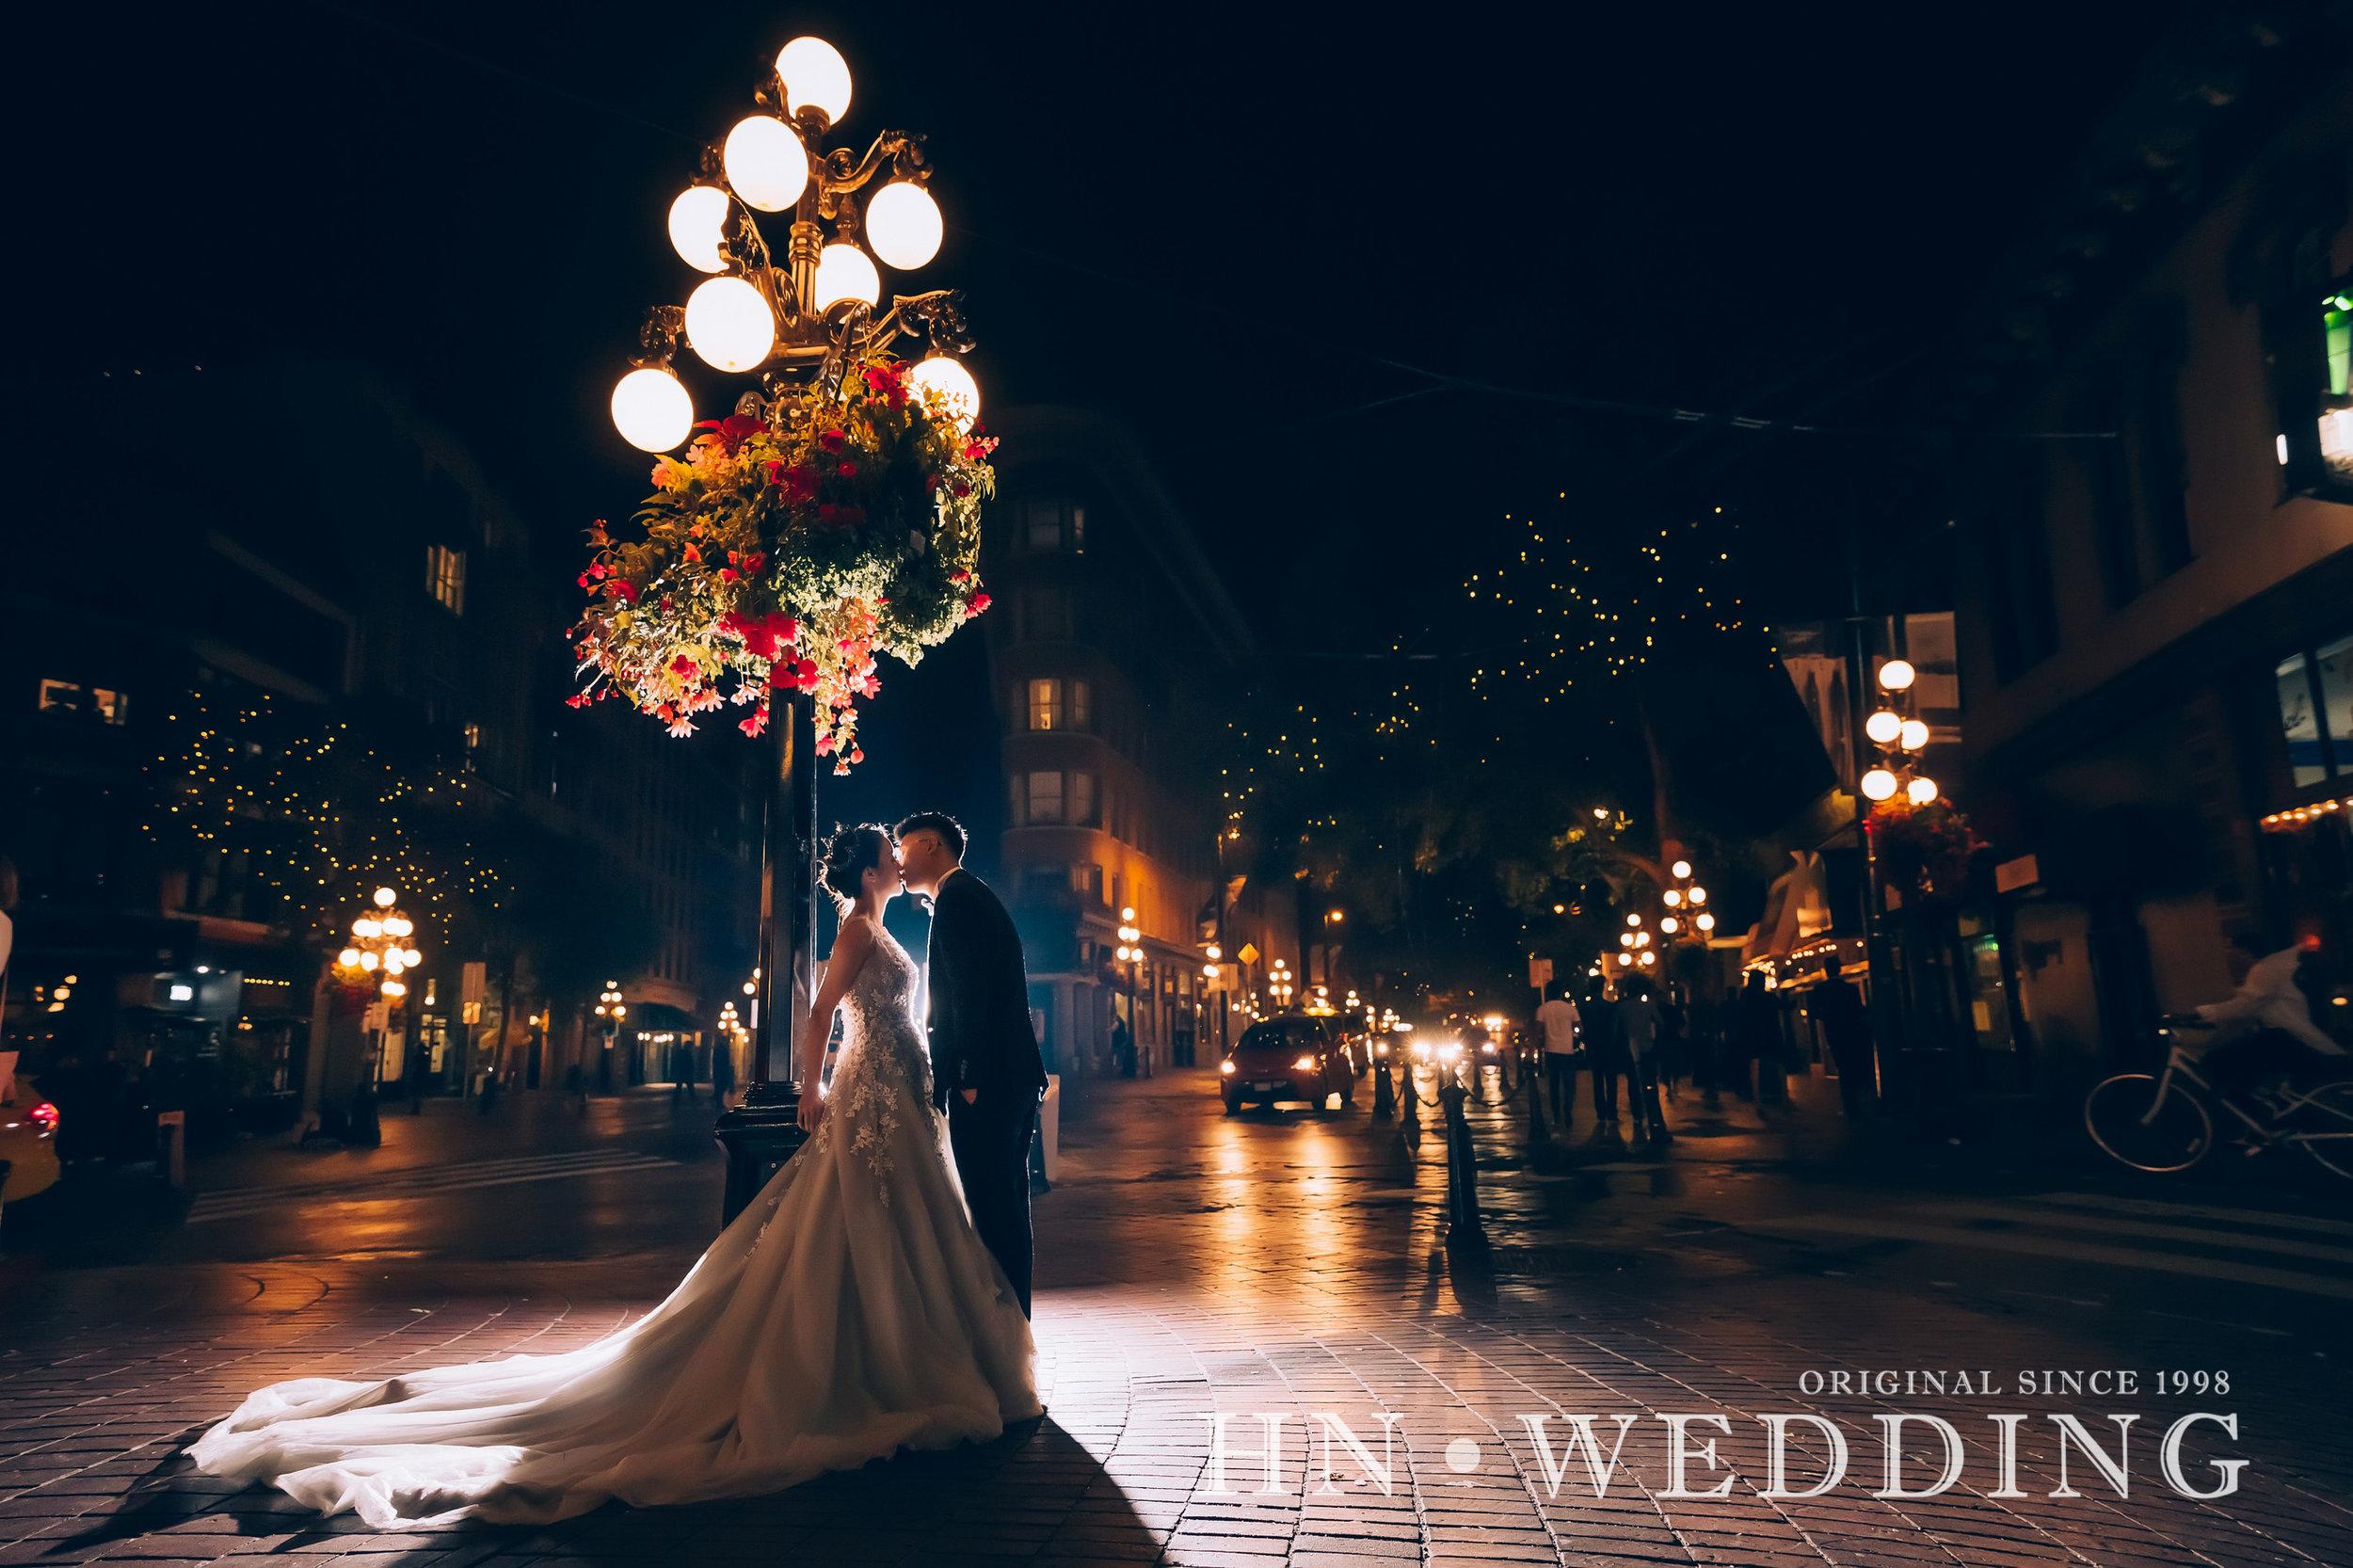 hnweddingprewedding0905--29.jpg